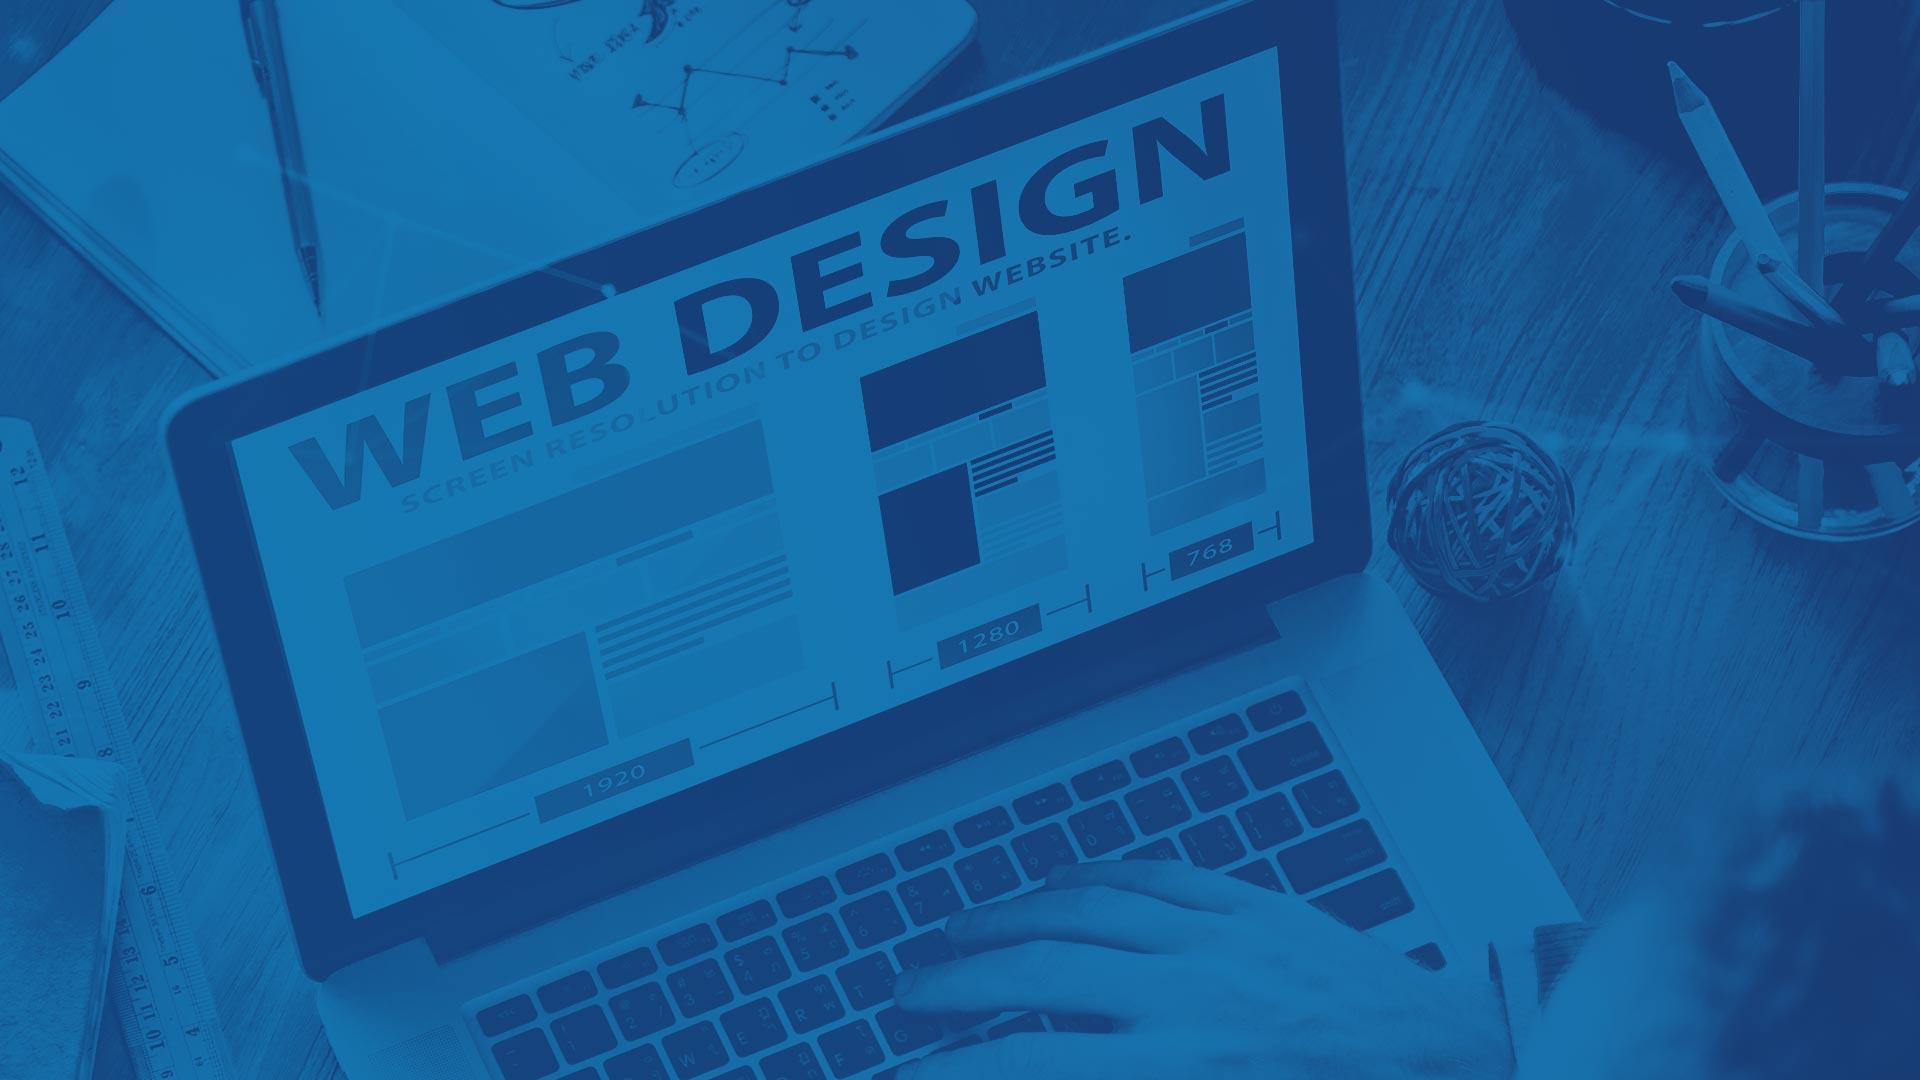 BH WebSite Cursos e treinamentos Web design e Wordpress